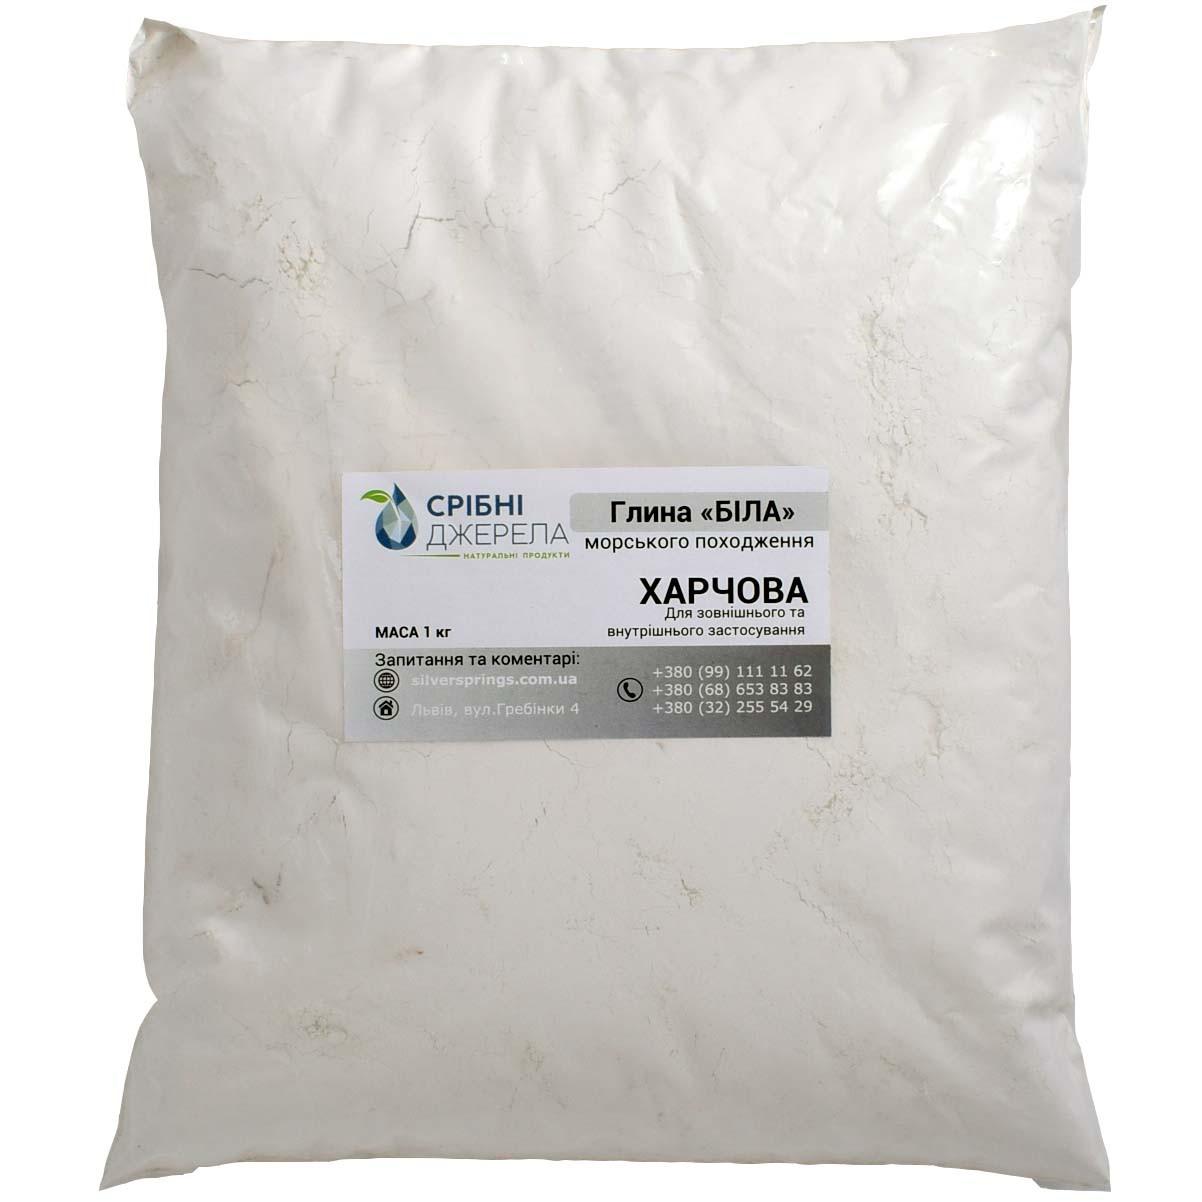 Харчова Біла глина (100% натуральна), без домішок, 1000 г